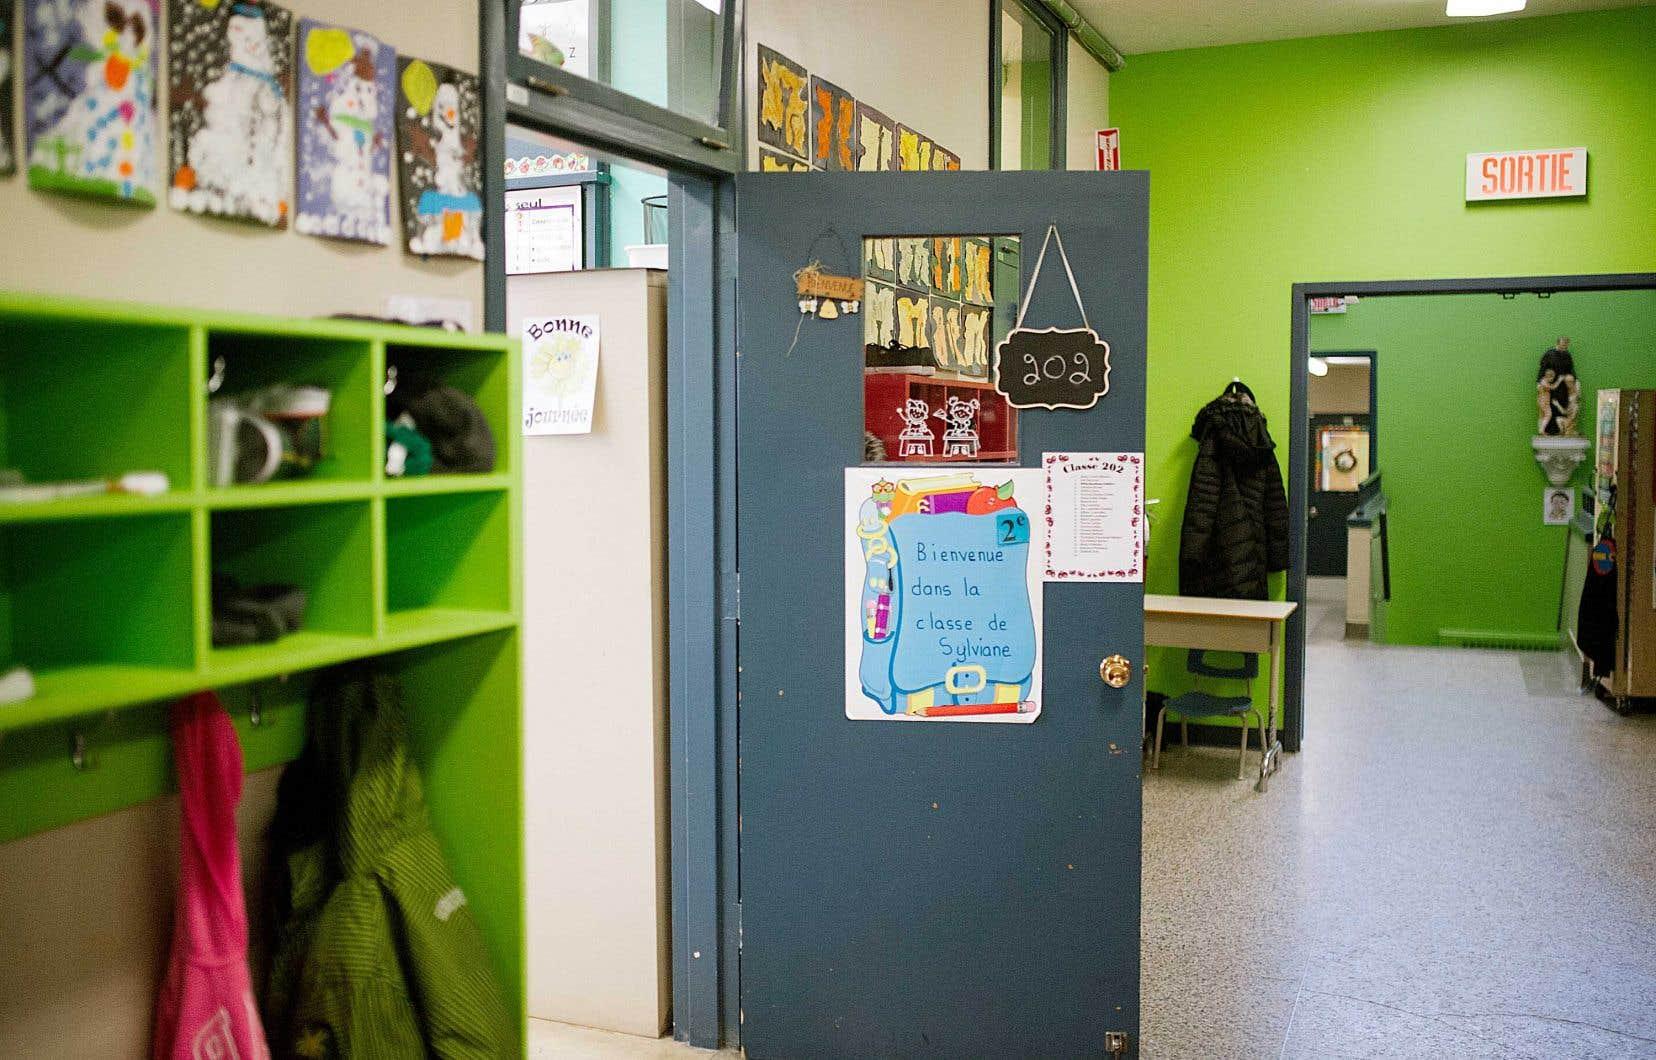 Le milieu de l'éducation, qui redoutait une nouvelle fermeture des classes, a réagi avec soulagement en apprenant que les écoles échappent pour le moment au confinement quasi général.